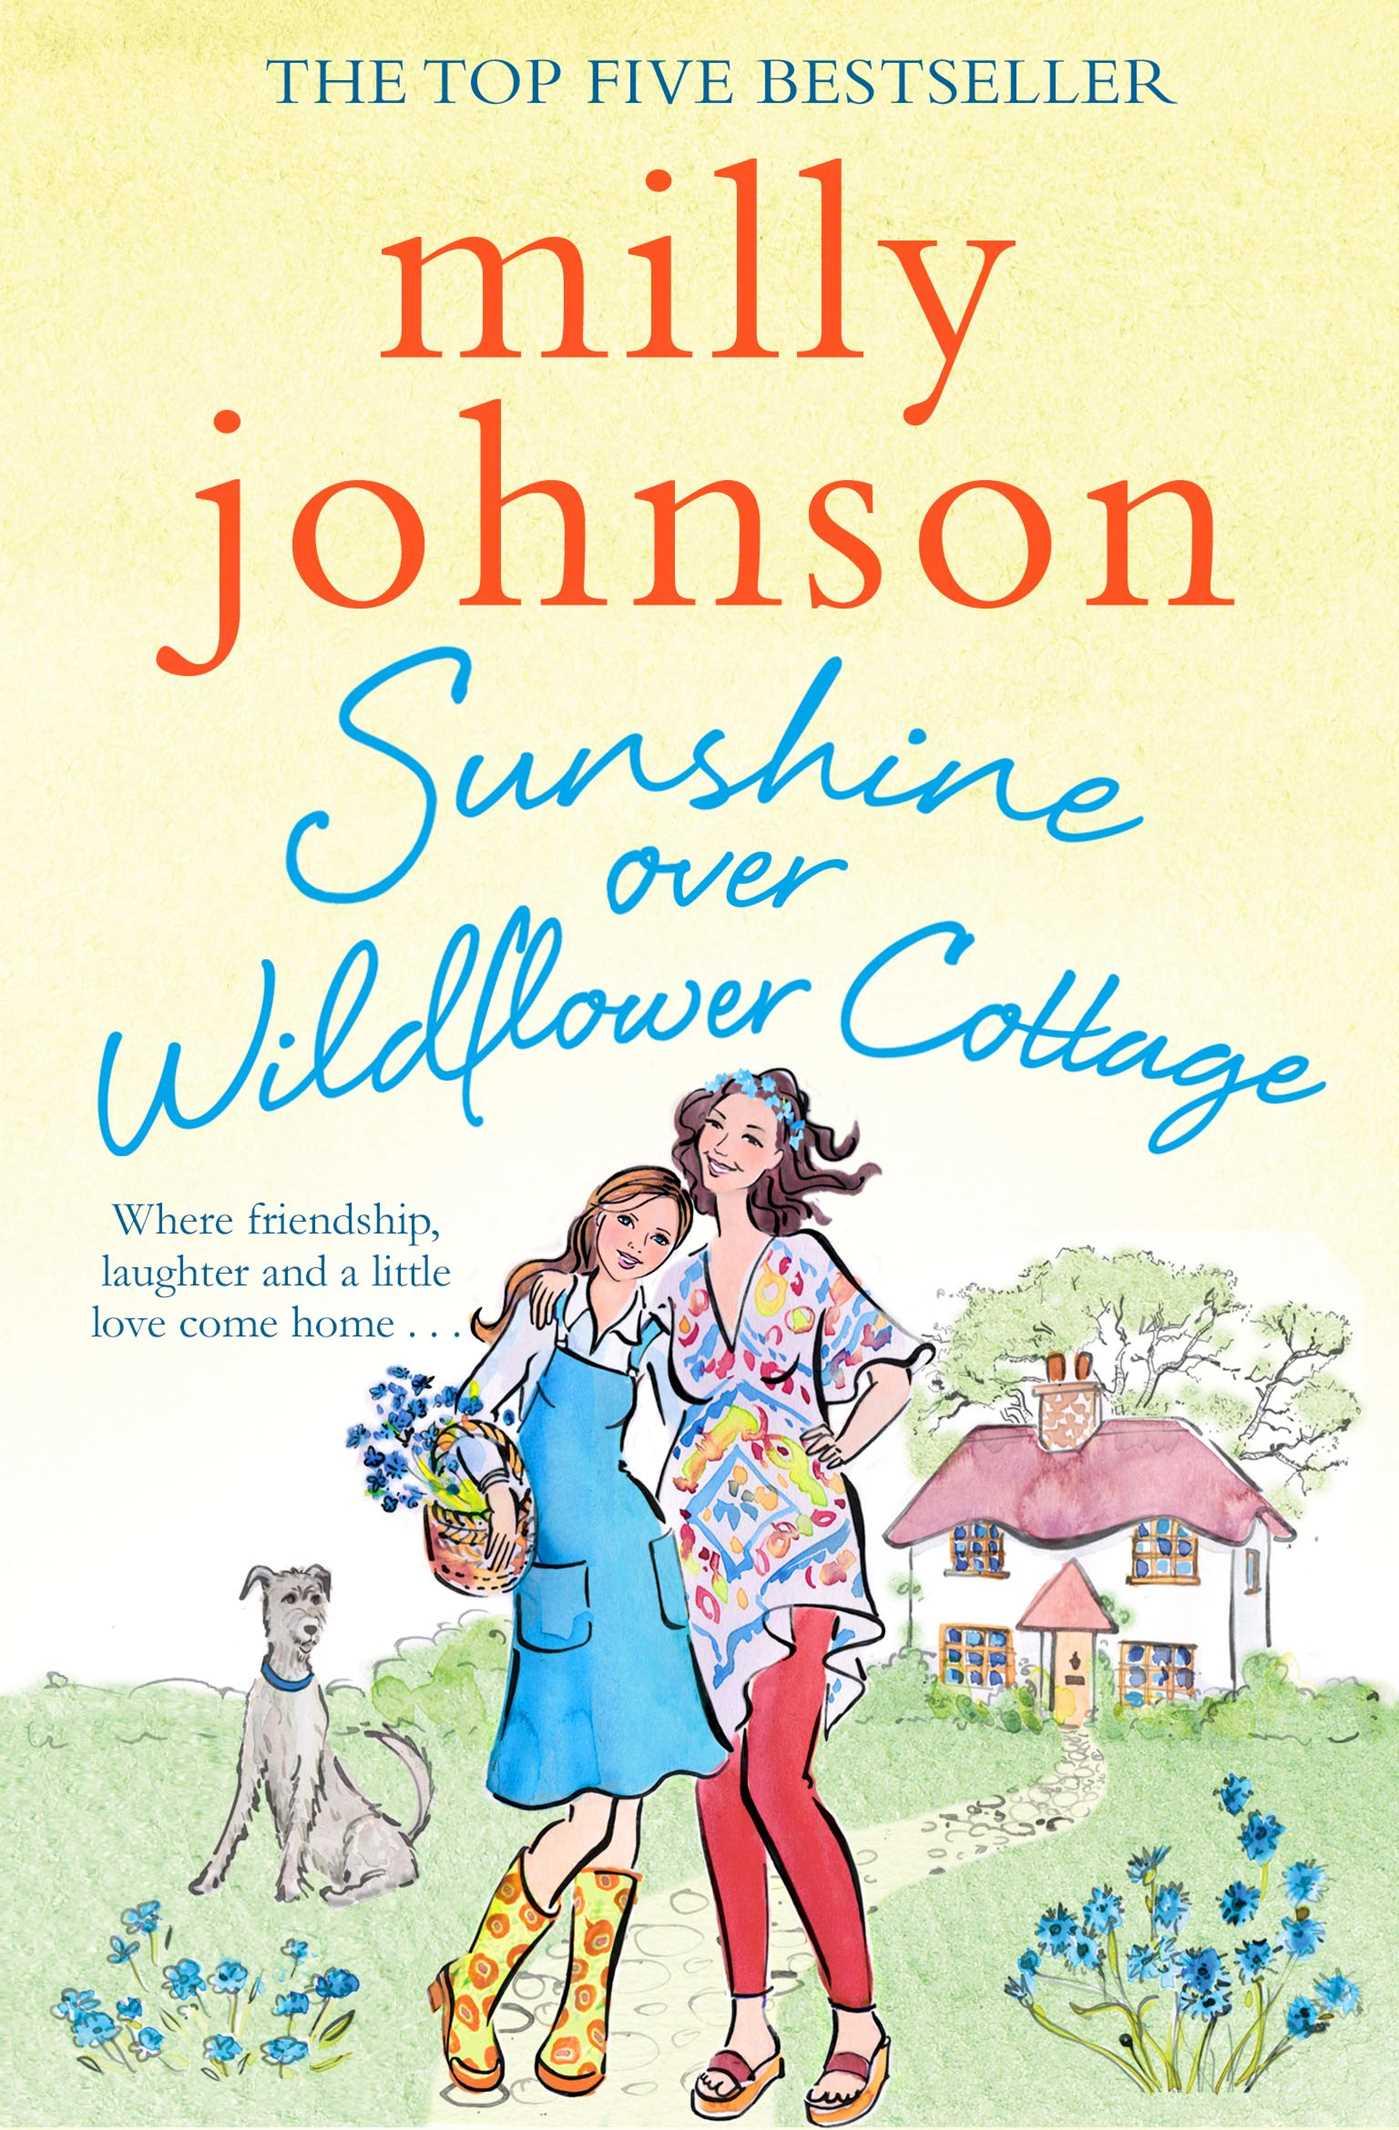 Sunshine over wildflower cottage 9781471140488 hr